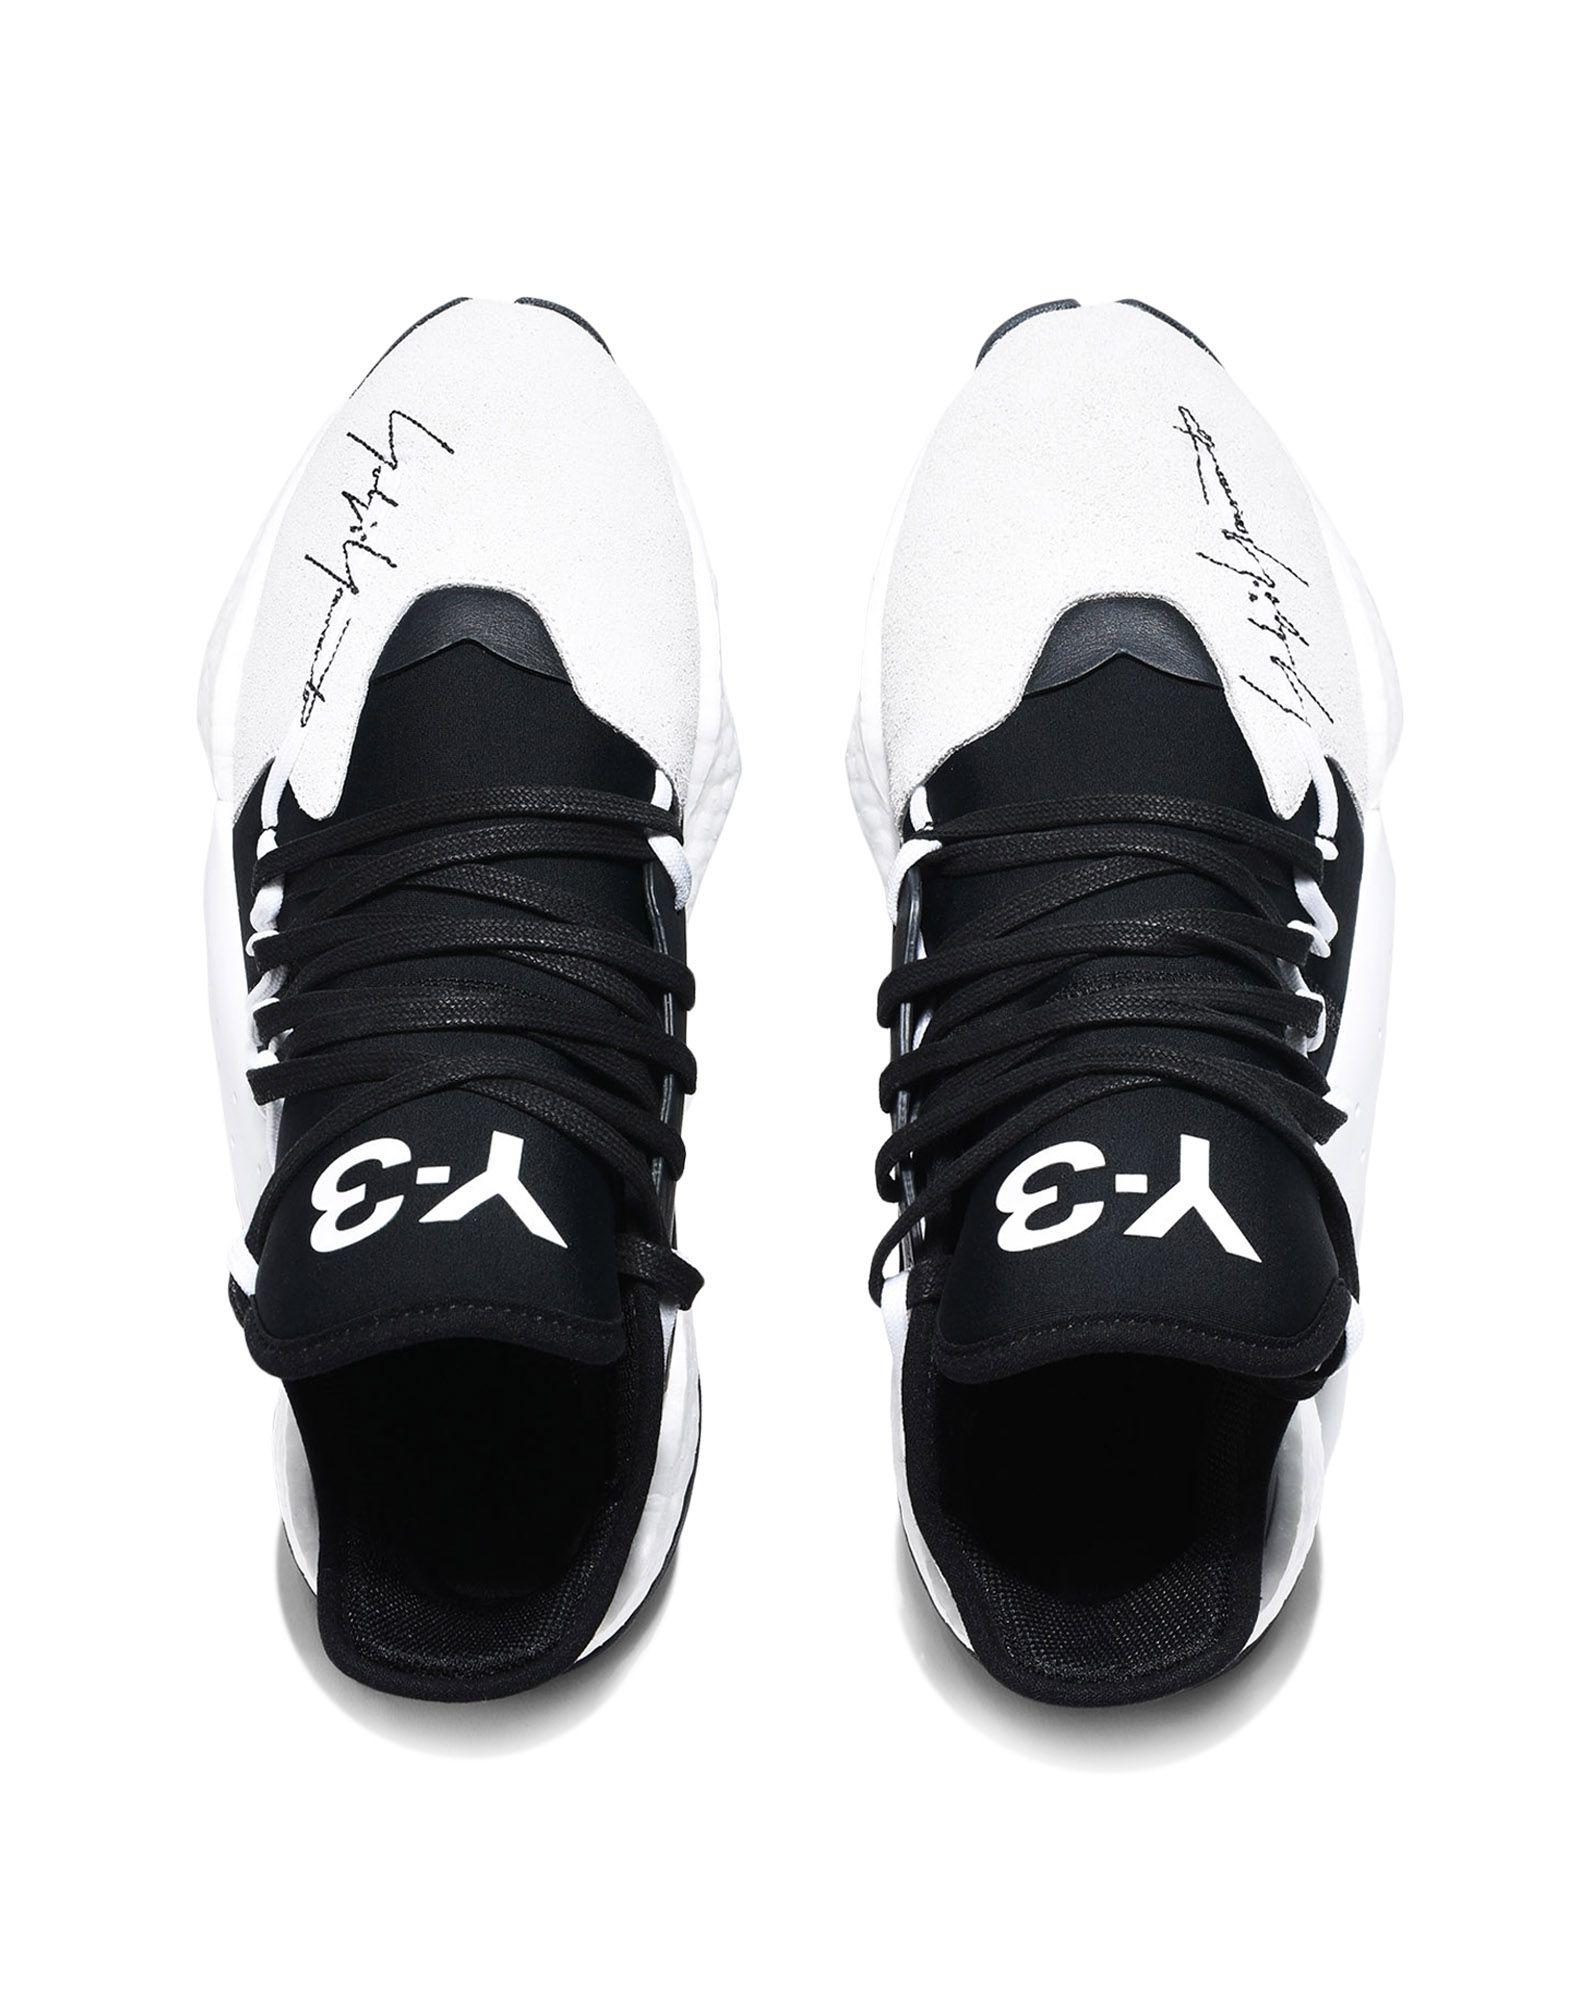 Y-3 BYW B-Ball SHOES unisex Y-3 adidas